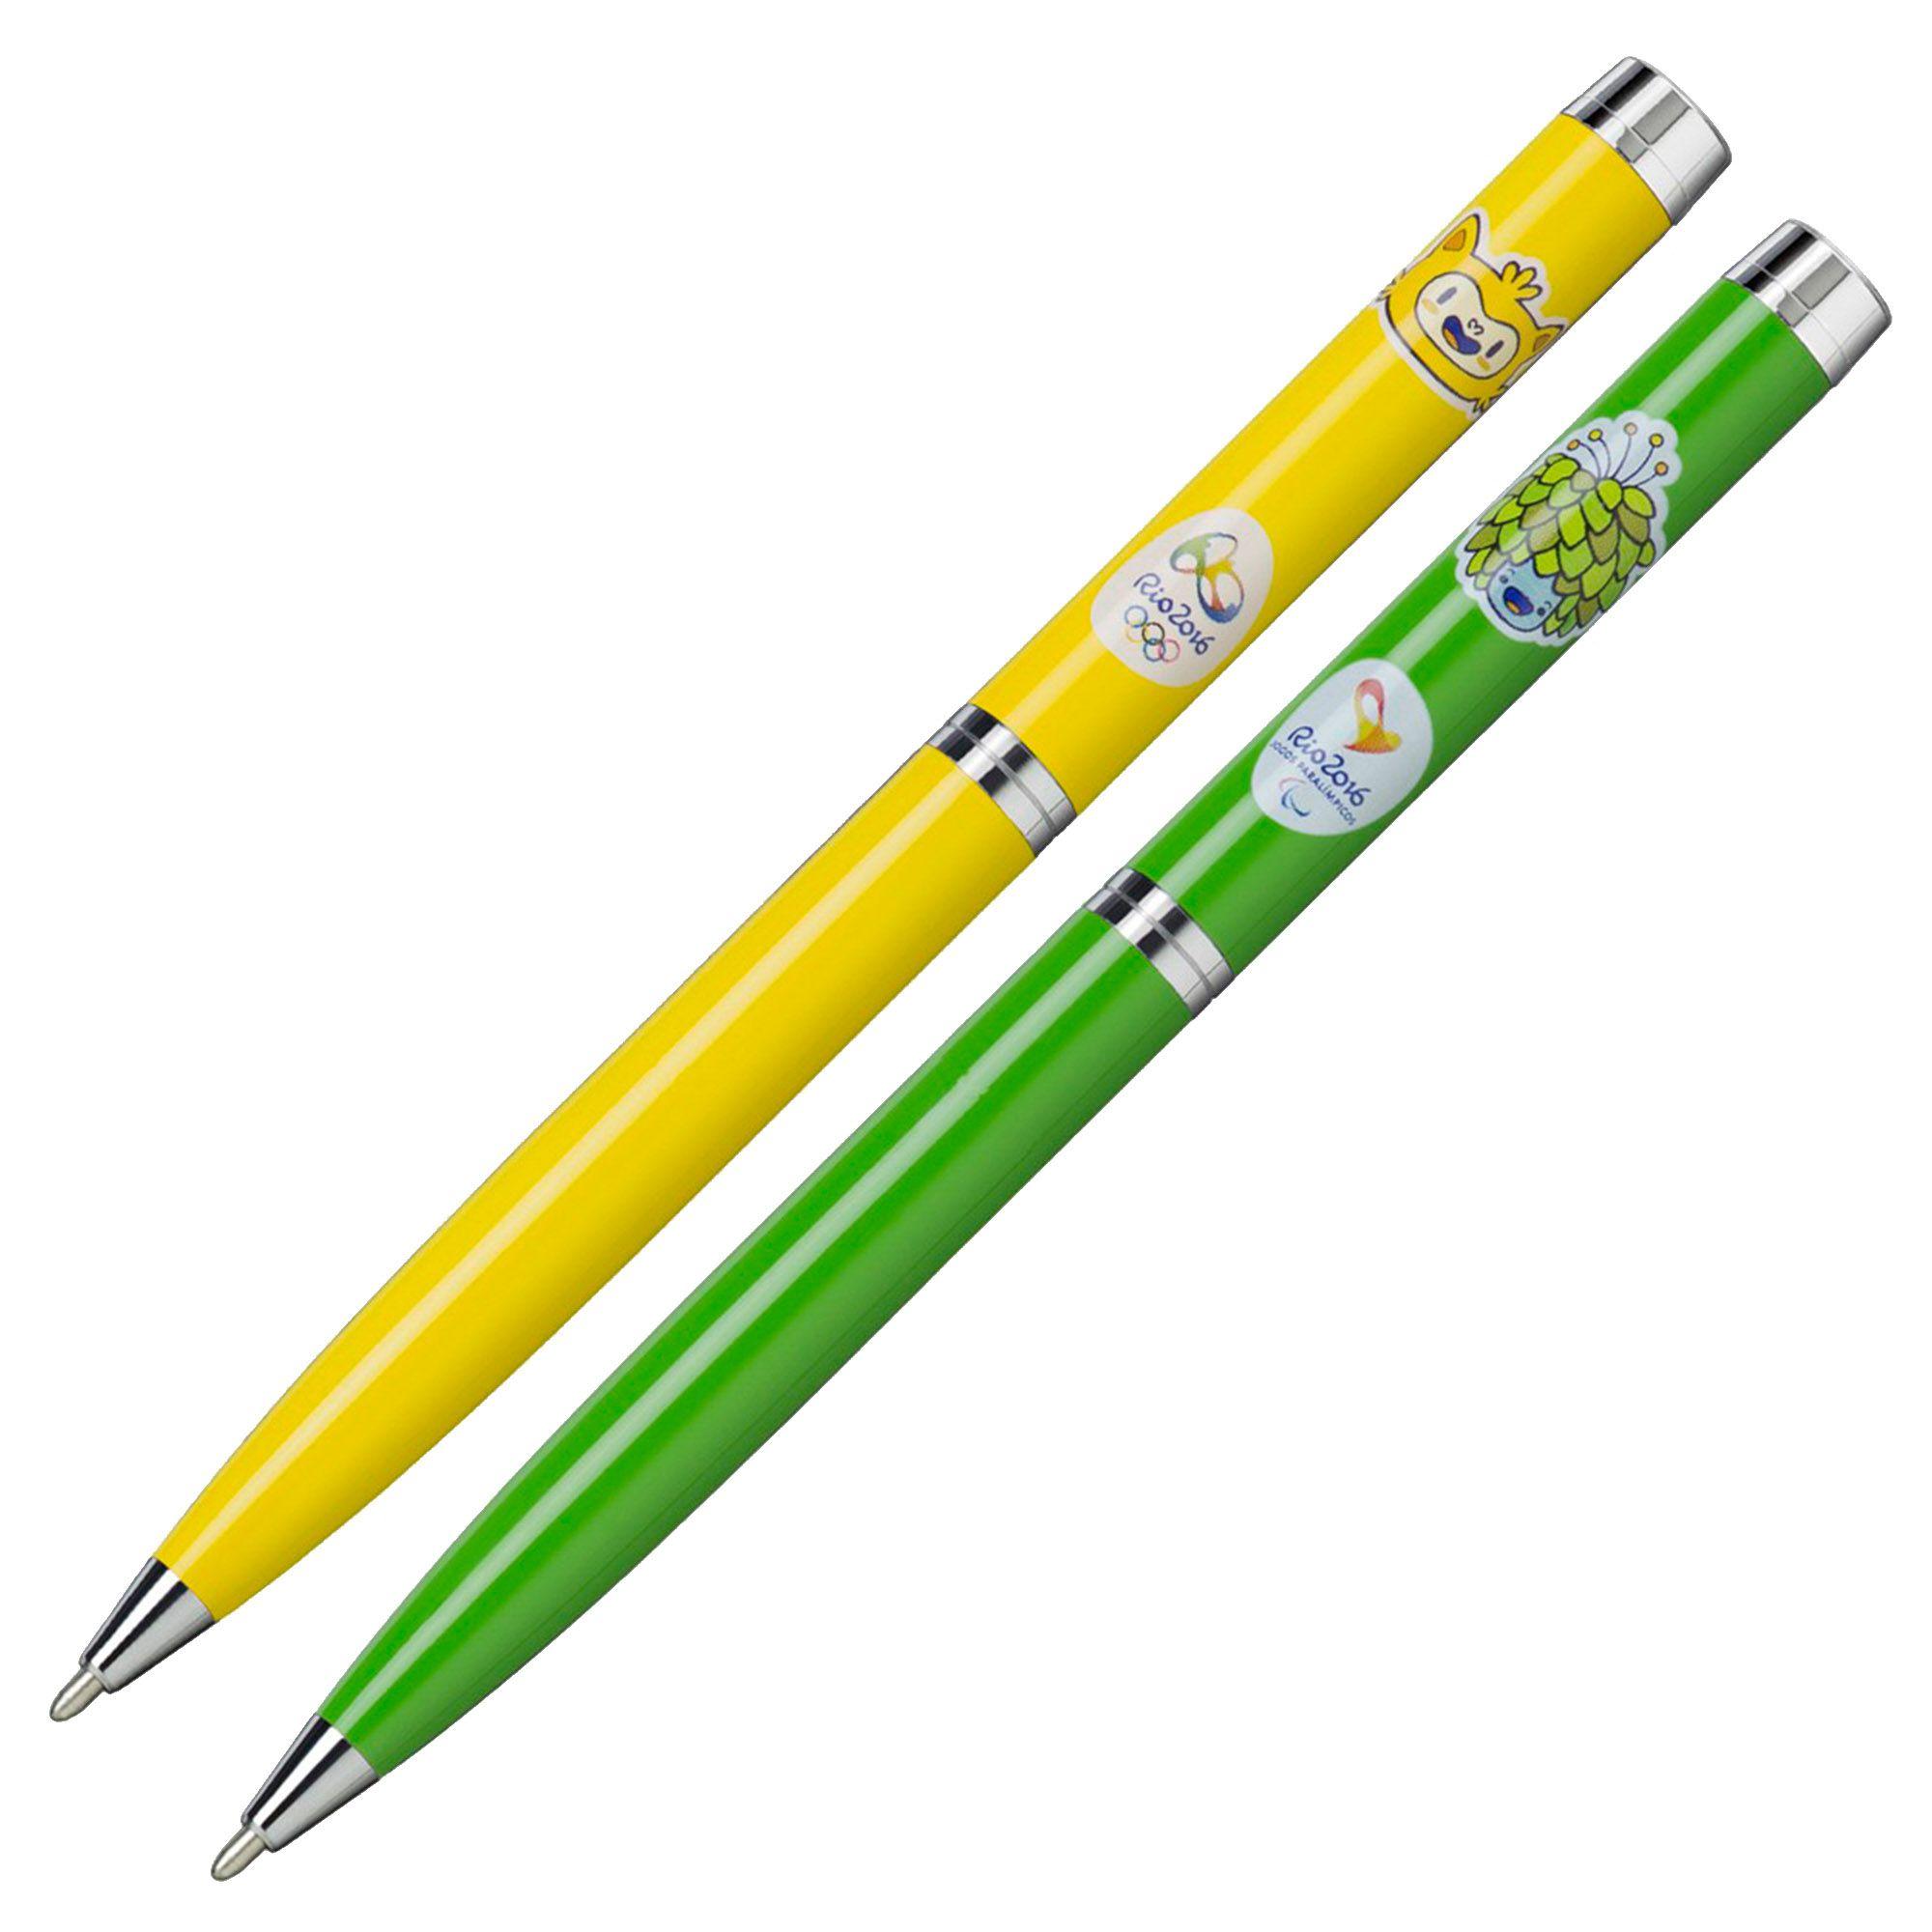 Canetas Oficiais Jogos Rio2016 KY20164G Kit com 2 peças Amarela e Verde